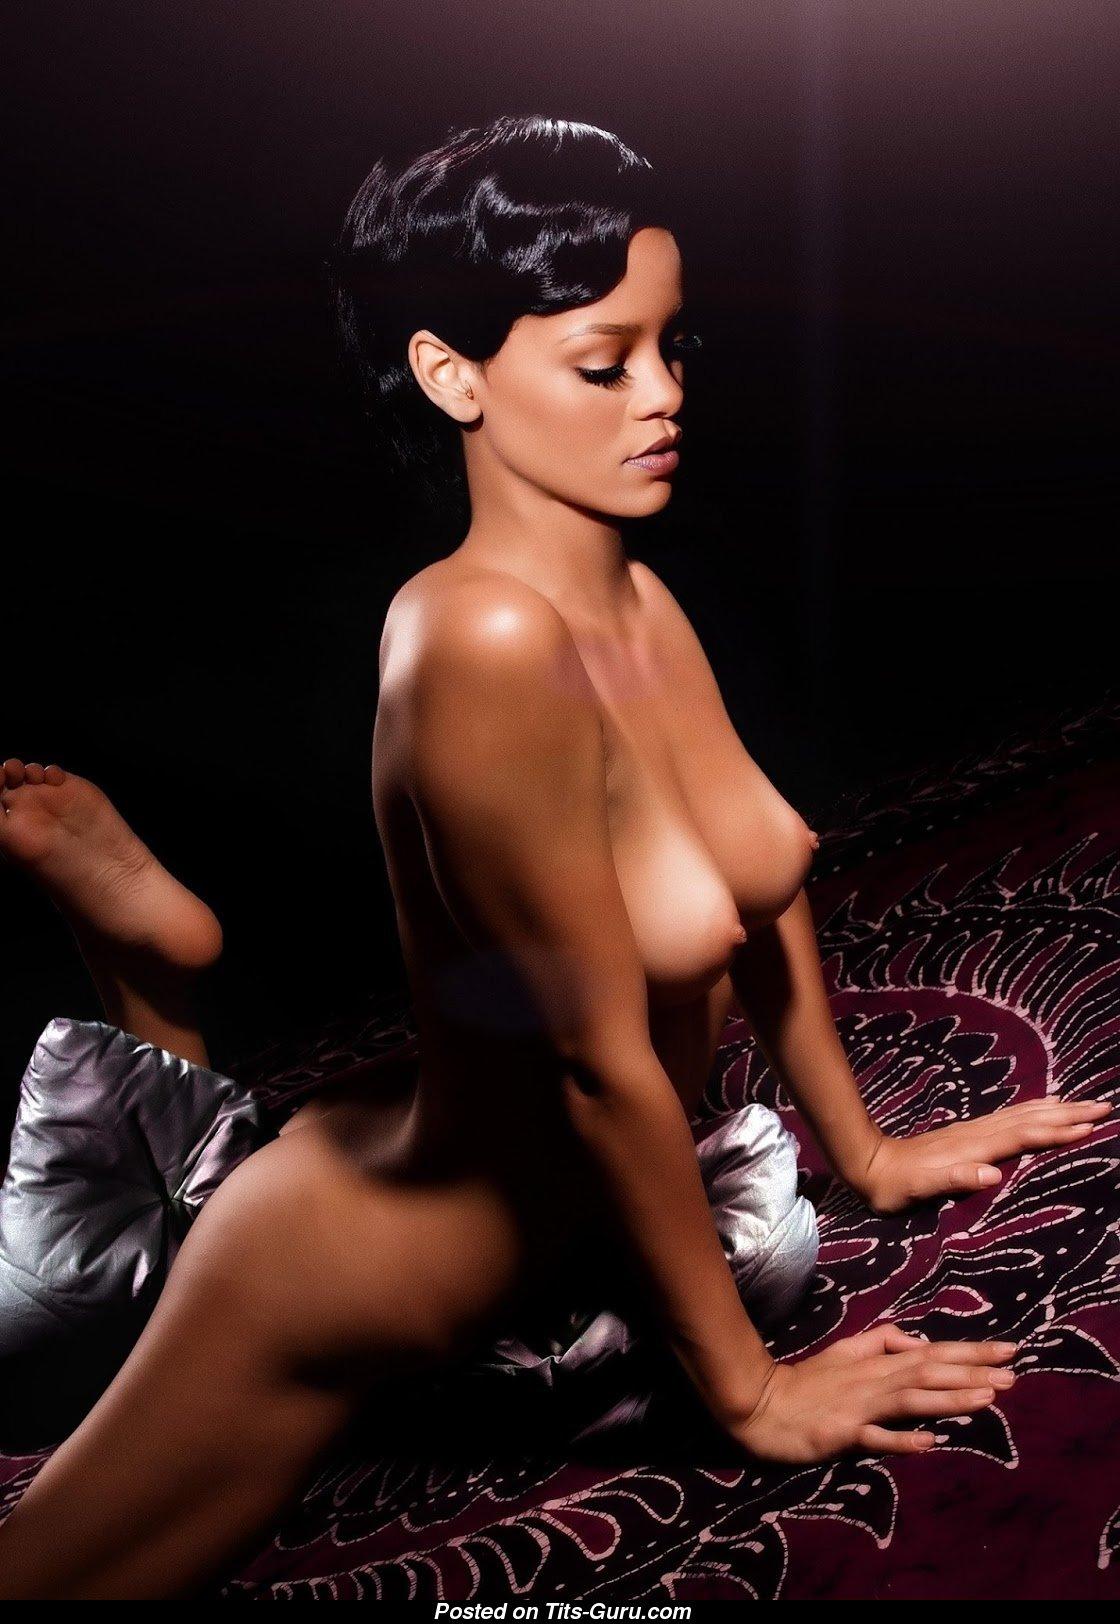 Greek models singers celebrities naked photos